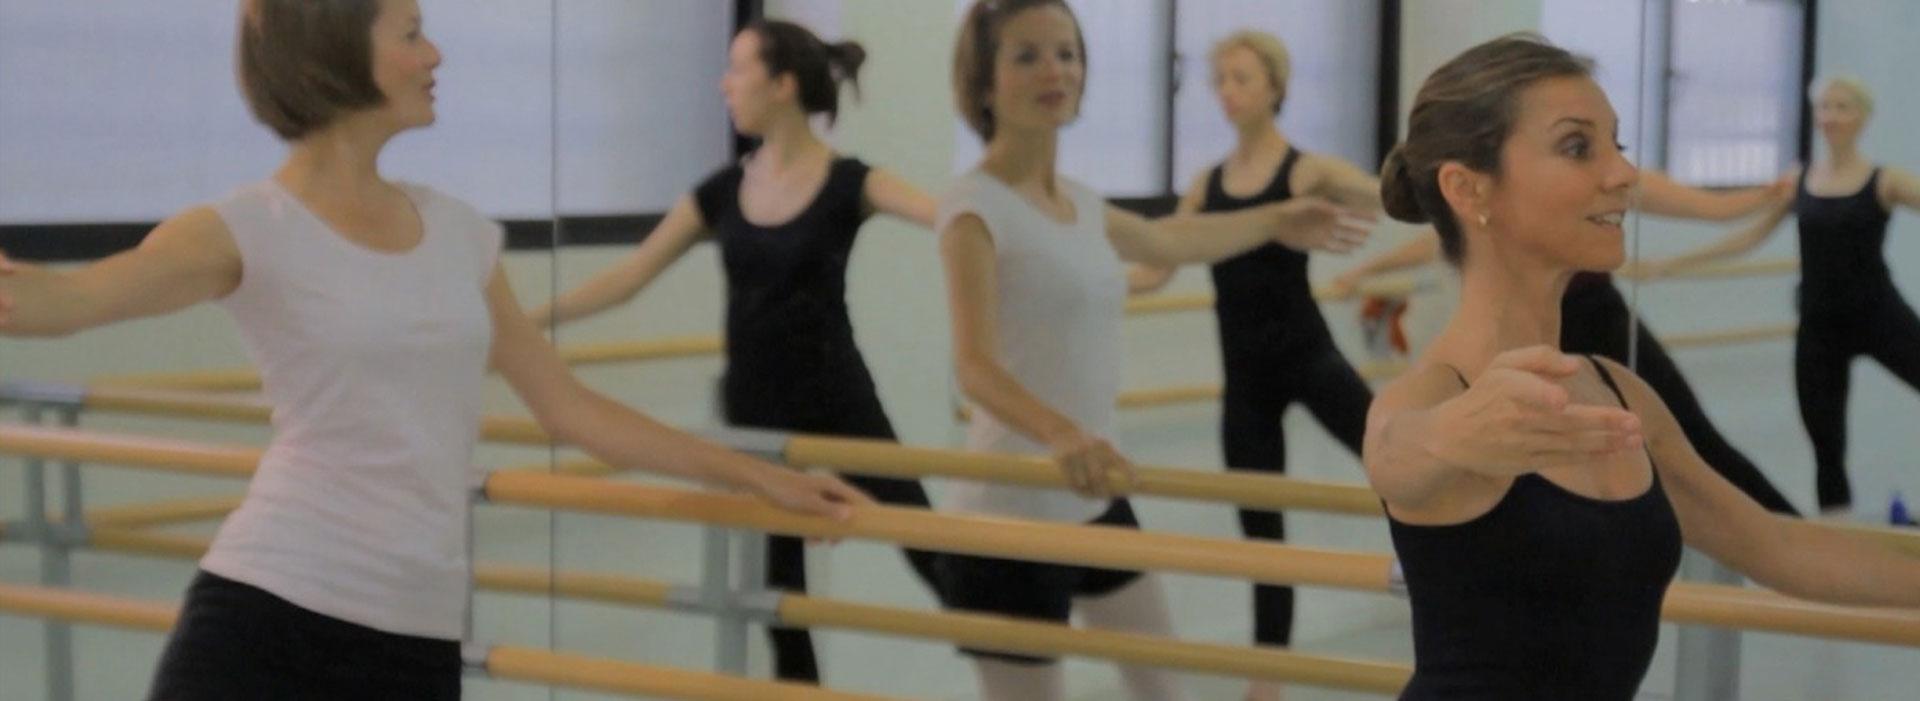 cursos de ballet intensivos